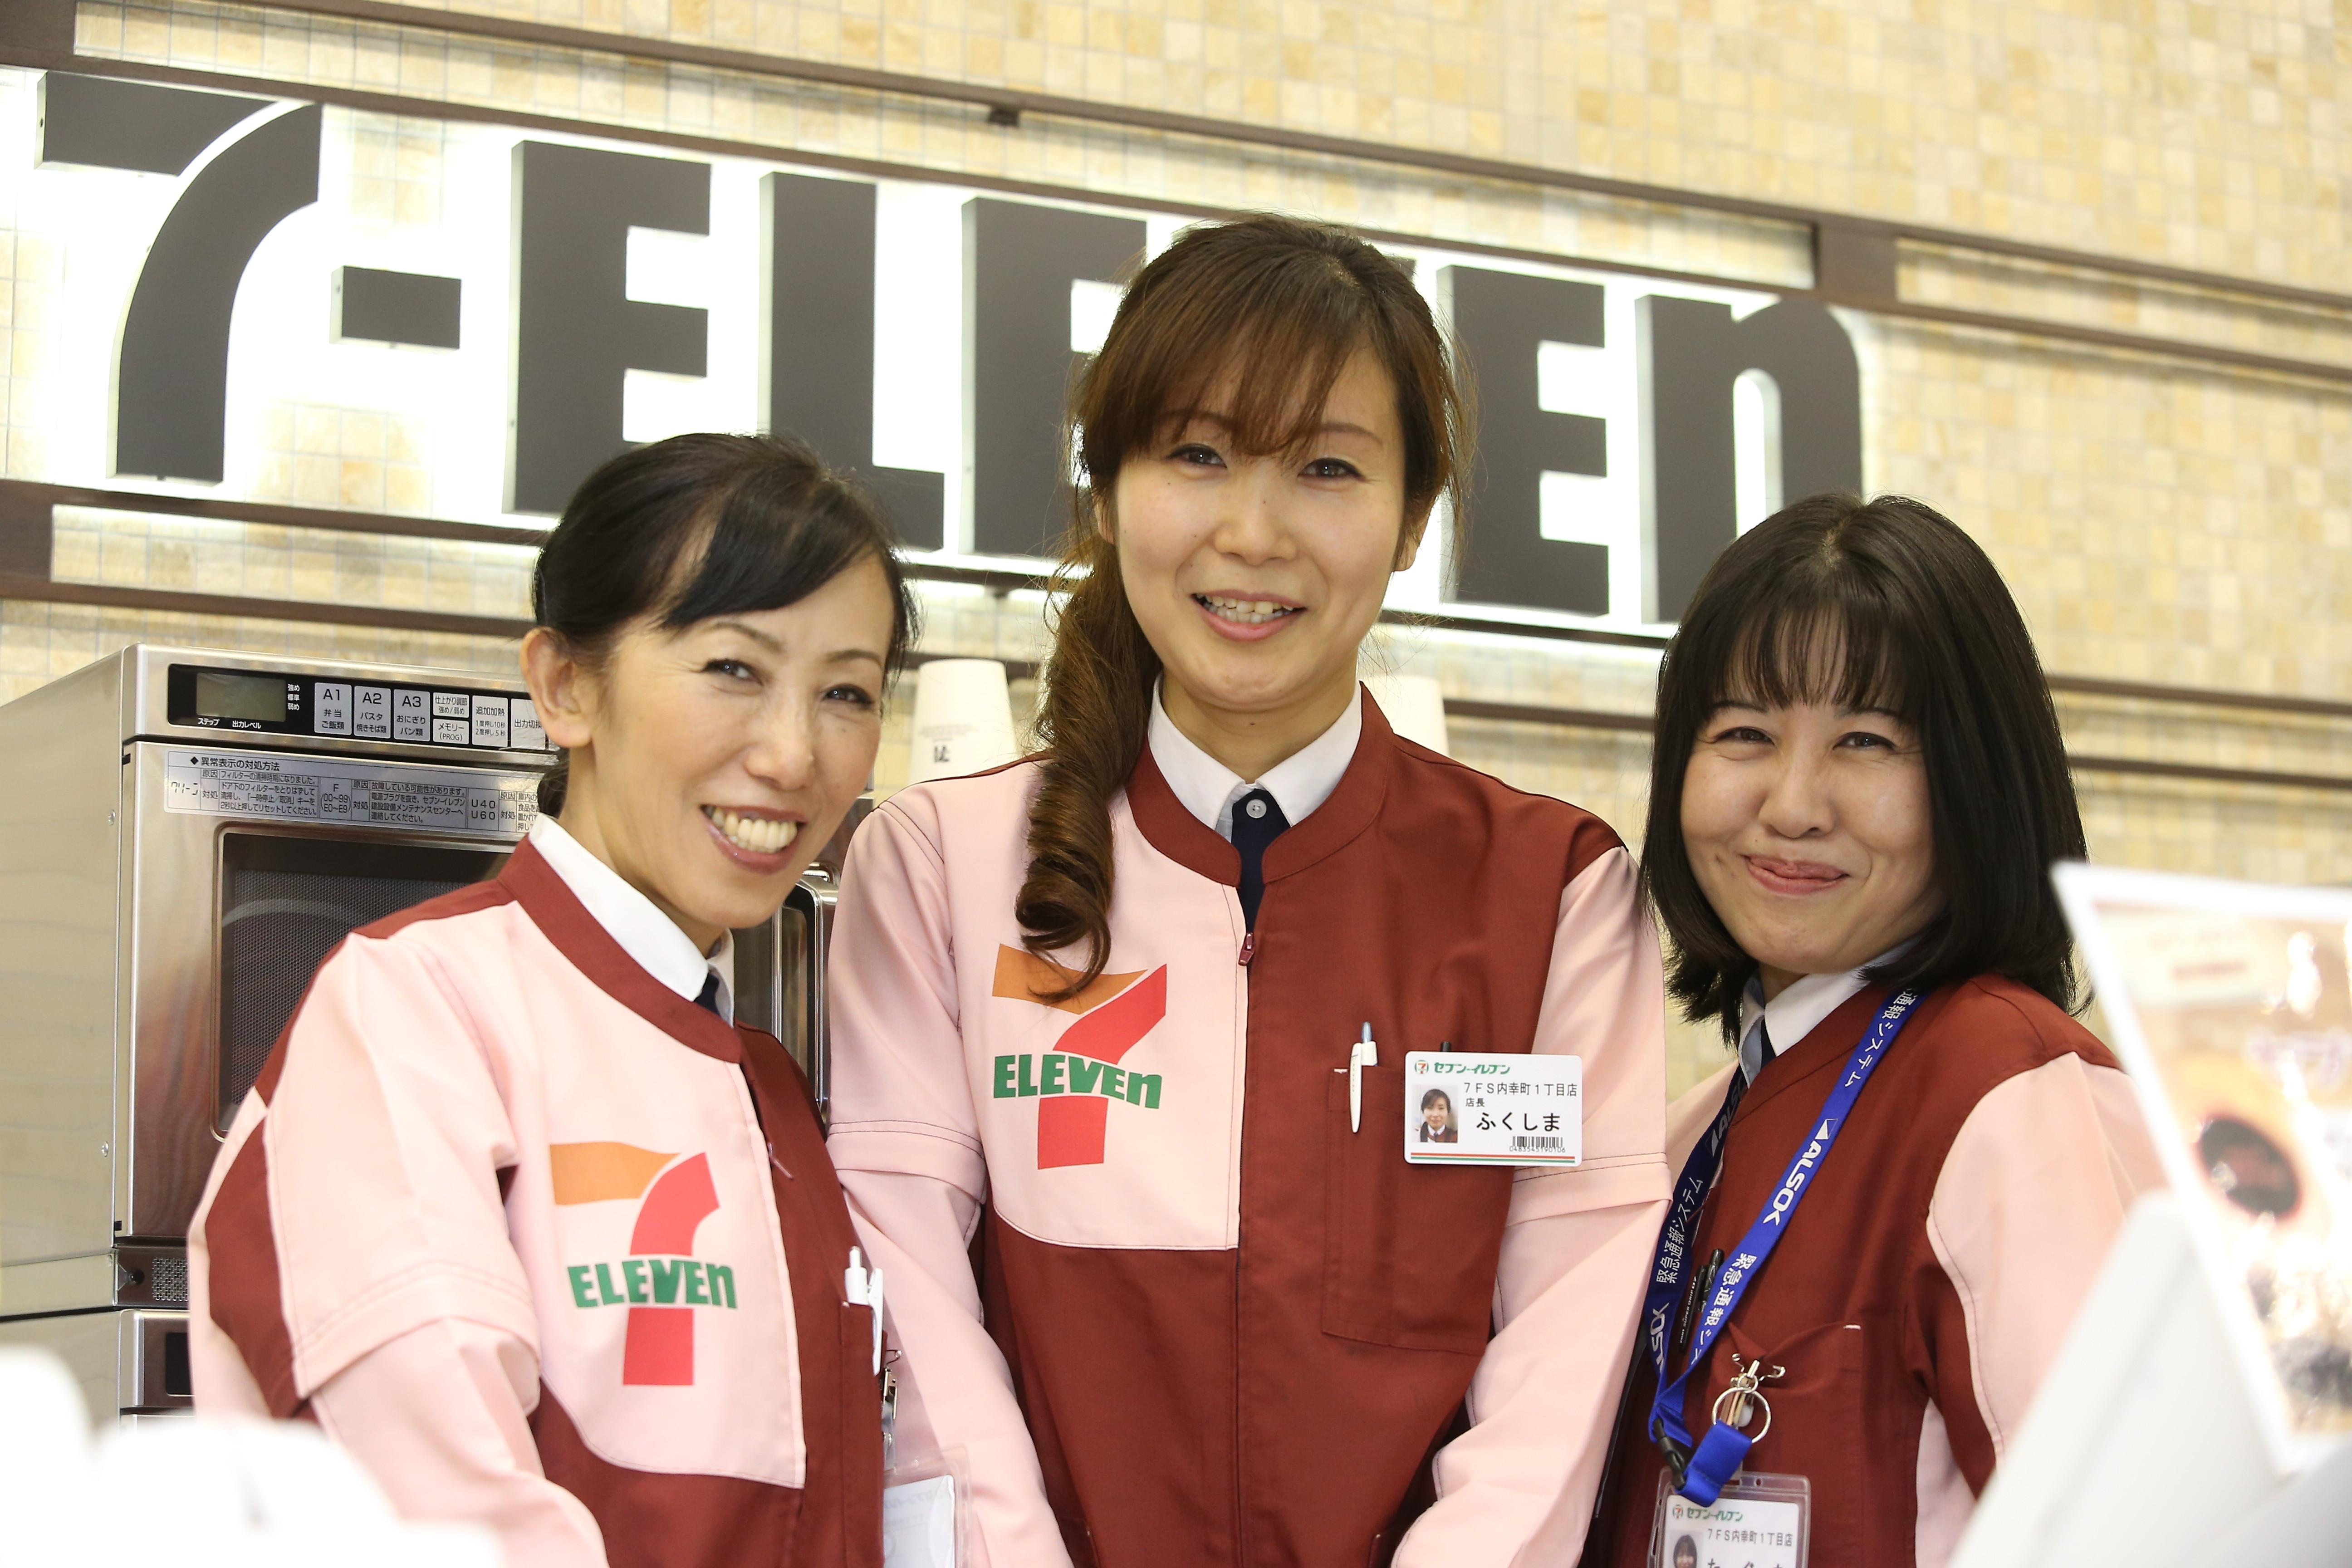 セブン-イレブン 名古屋NHK放送センター店のアルバイト情報